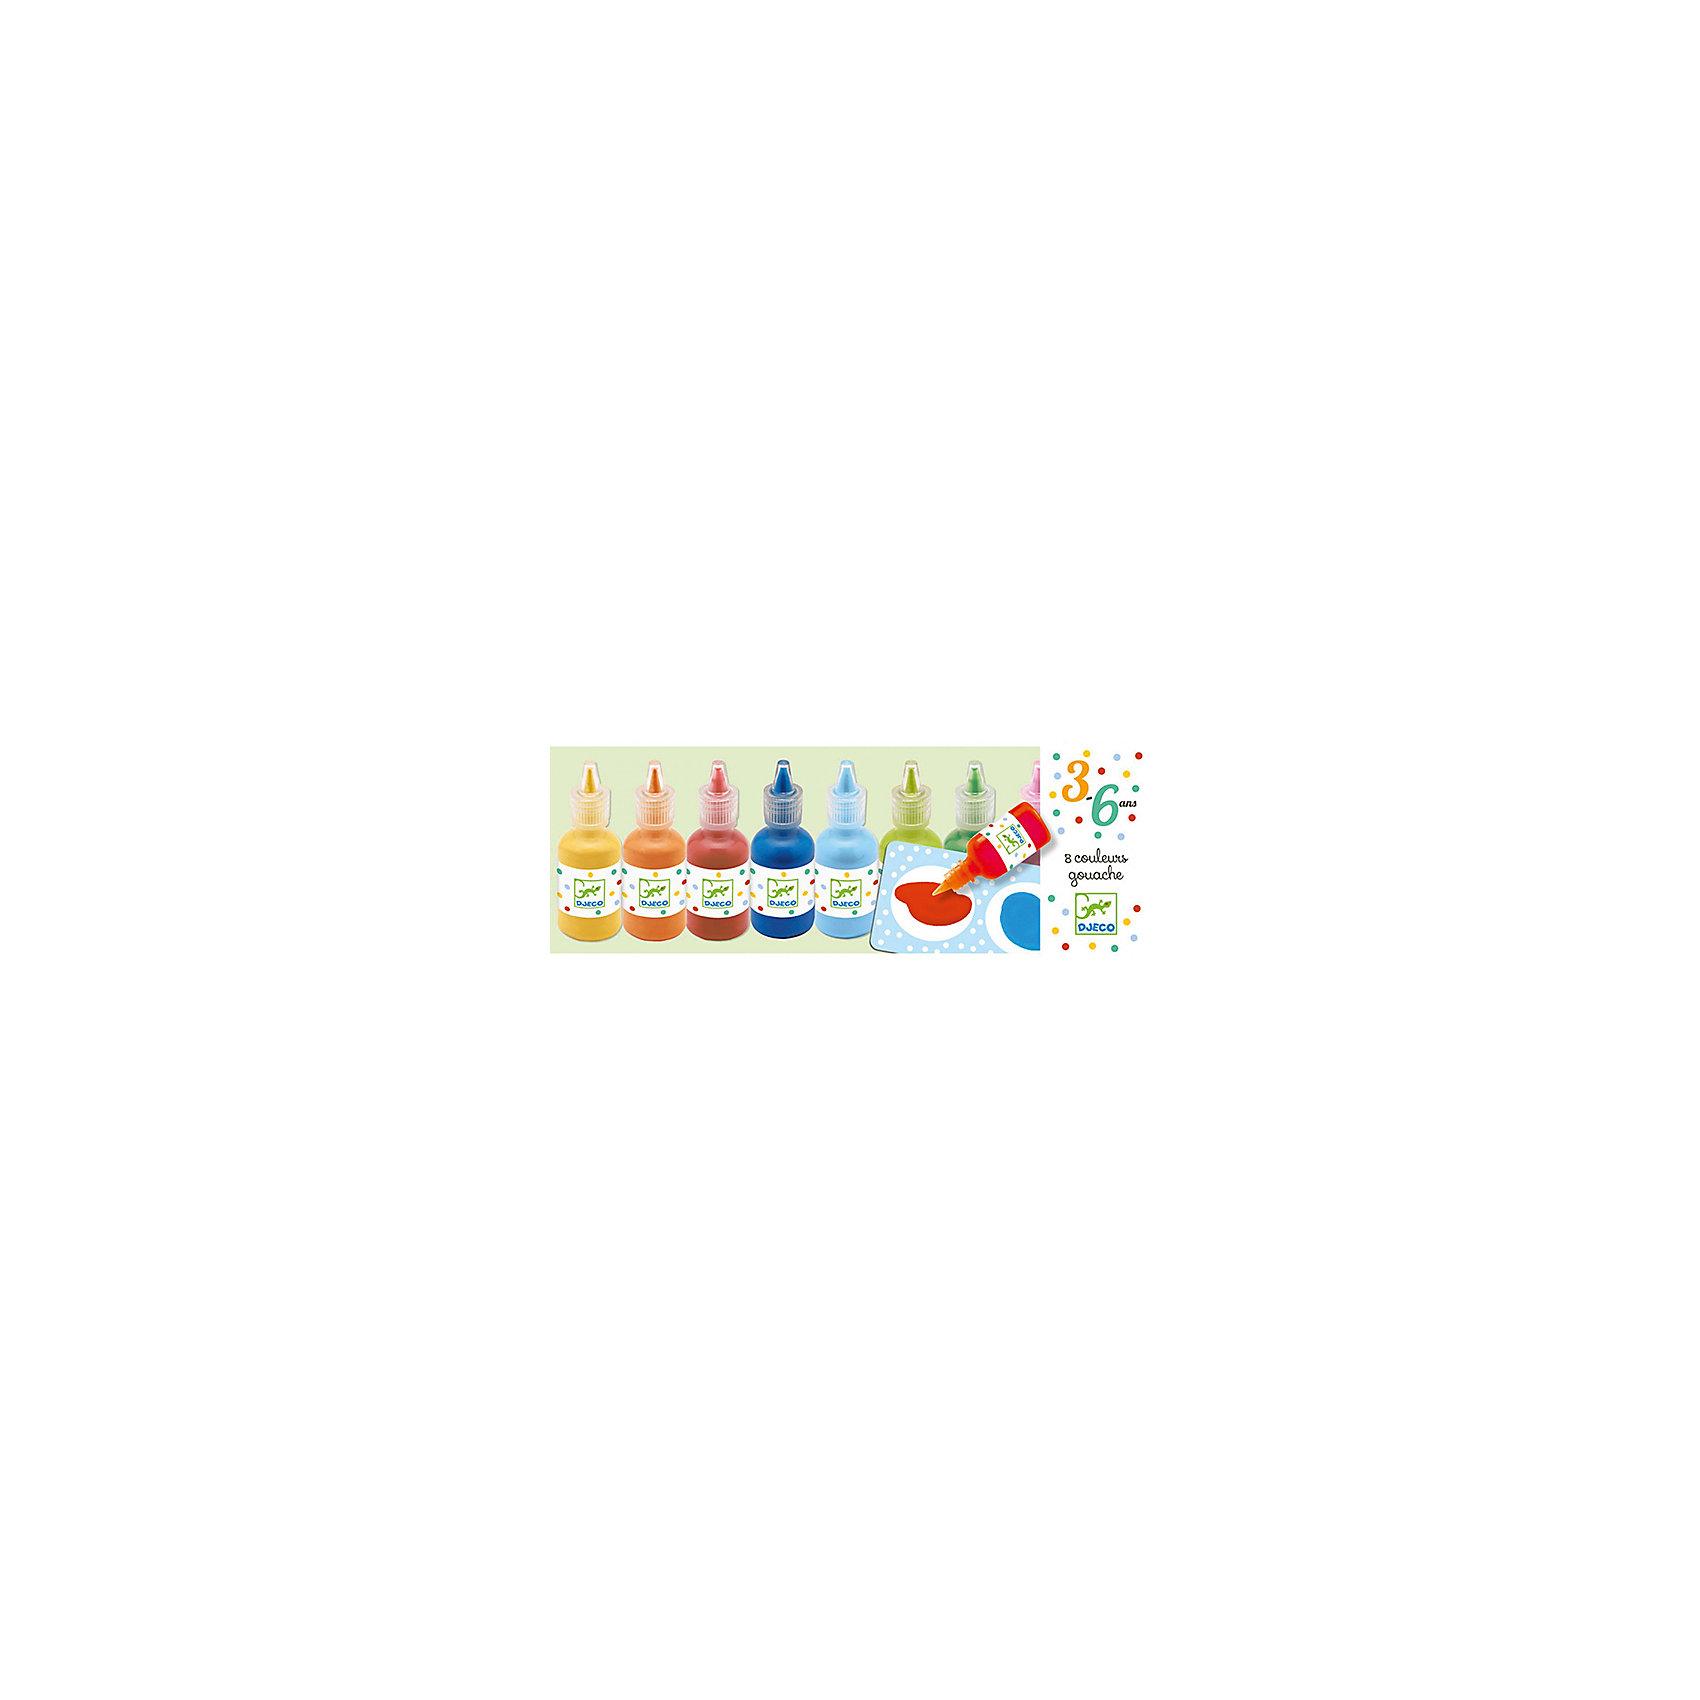 Краски для рисования пальцами, DJECOРисование<br>Характеристики красок для рисования пальцами:<br><br>• возраст: от 1 года<br>• пол: универсальный<br>• комплект: 8 баночек с красками.<br>• состав: резина, пластик<br>• размер упаковки: 25 х 9 см.<br>• упаковка: картонная коробка открытого типа.<br>• бренд: Djeco<br>• страна обладатель бренда: Франция.<br><br>Уже с самых ранних лет дети могут учиться рисовать и развивать воображение благодаря ярким краскам от торговой марки Djeco (Джеко). Краски выполнены из качественных ингредиентов на водной основе, безопасны для здоровья Вашего малыша. <br><br>Краски удобно использовать, они упакованы в прозрачные тюбики с закручивающимися крышечками. Легко поддаются смешиванию, их удобно наносить на бумагу. <br><br>Краски для рисования пальцами от торговой марки Djeco (Джеко) можно купить в нашем интернет-магазине.<br><br>Ширина мм: 260<br>Глубина мм: 109<br>Высота мм: 30<br>Вес г: 538<br>Возраст от месяцев: 36<br>Возраст до месяцев: 2147483647<br>Пол: Унисекс<br>Возраст: Детский<br>SKU: 5448813